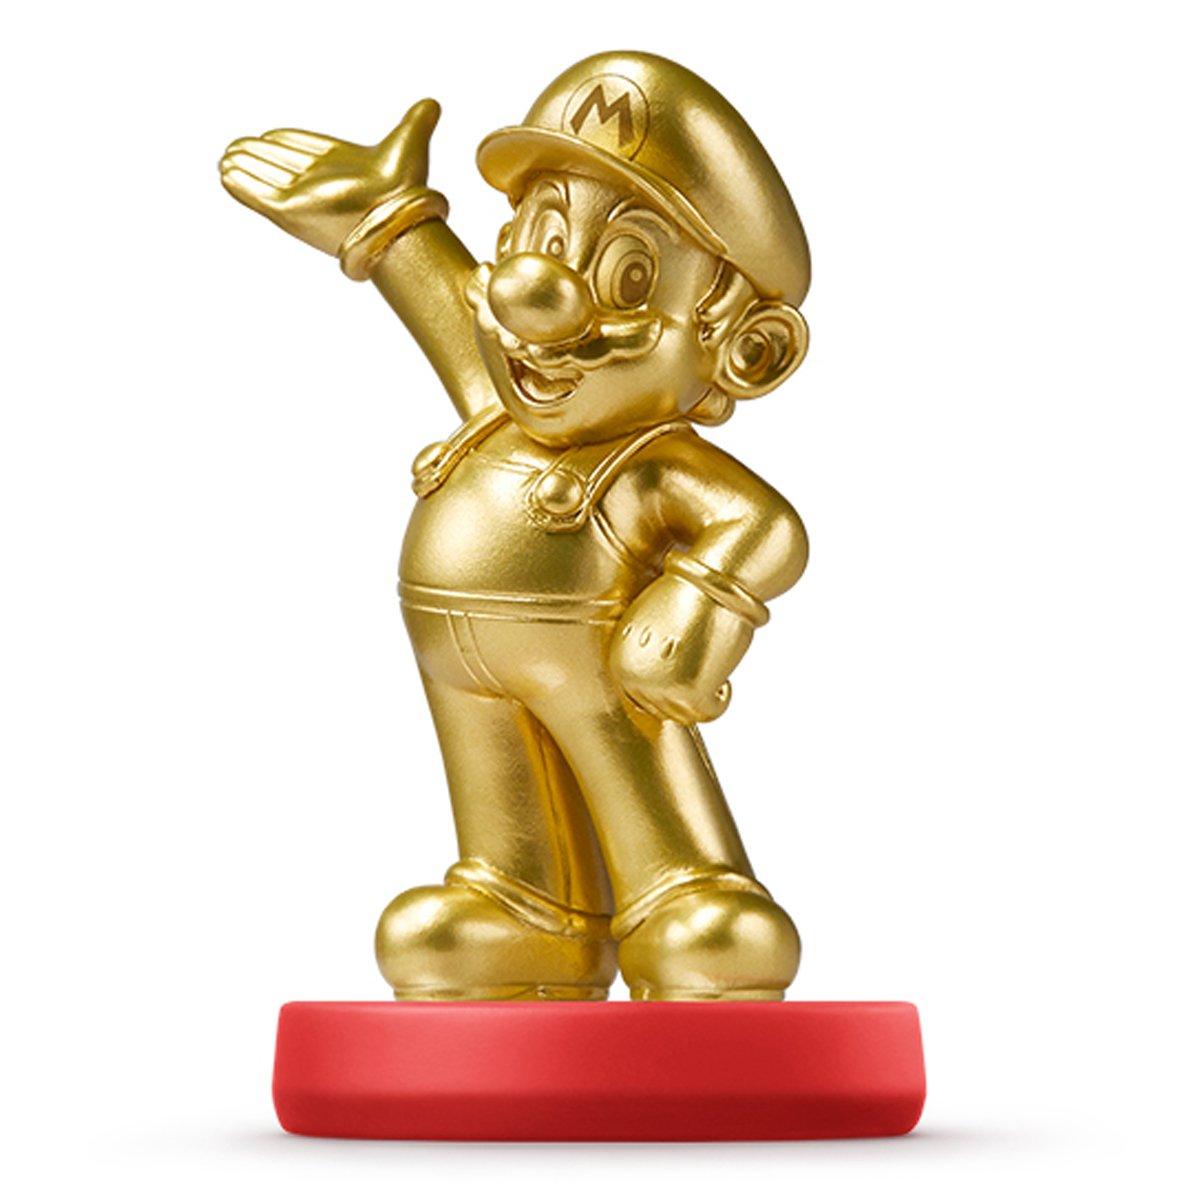 NEW Amiibo Gold Mario Japan ver. Super Smash Bros Wii U 3DS Import